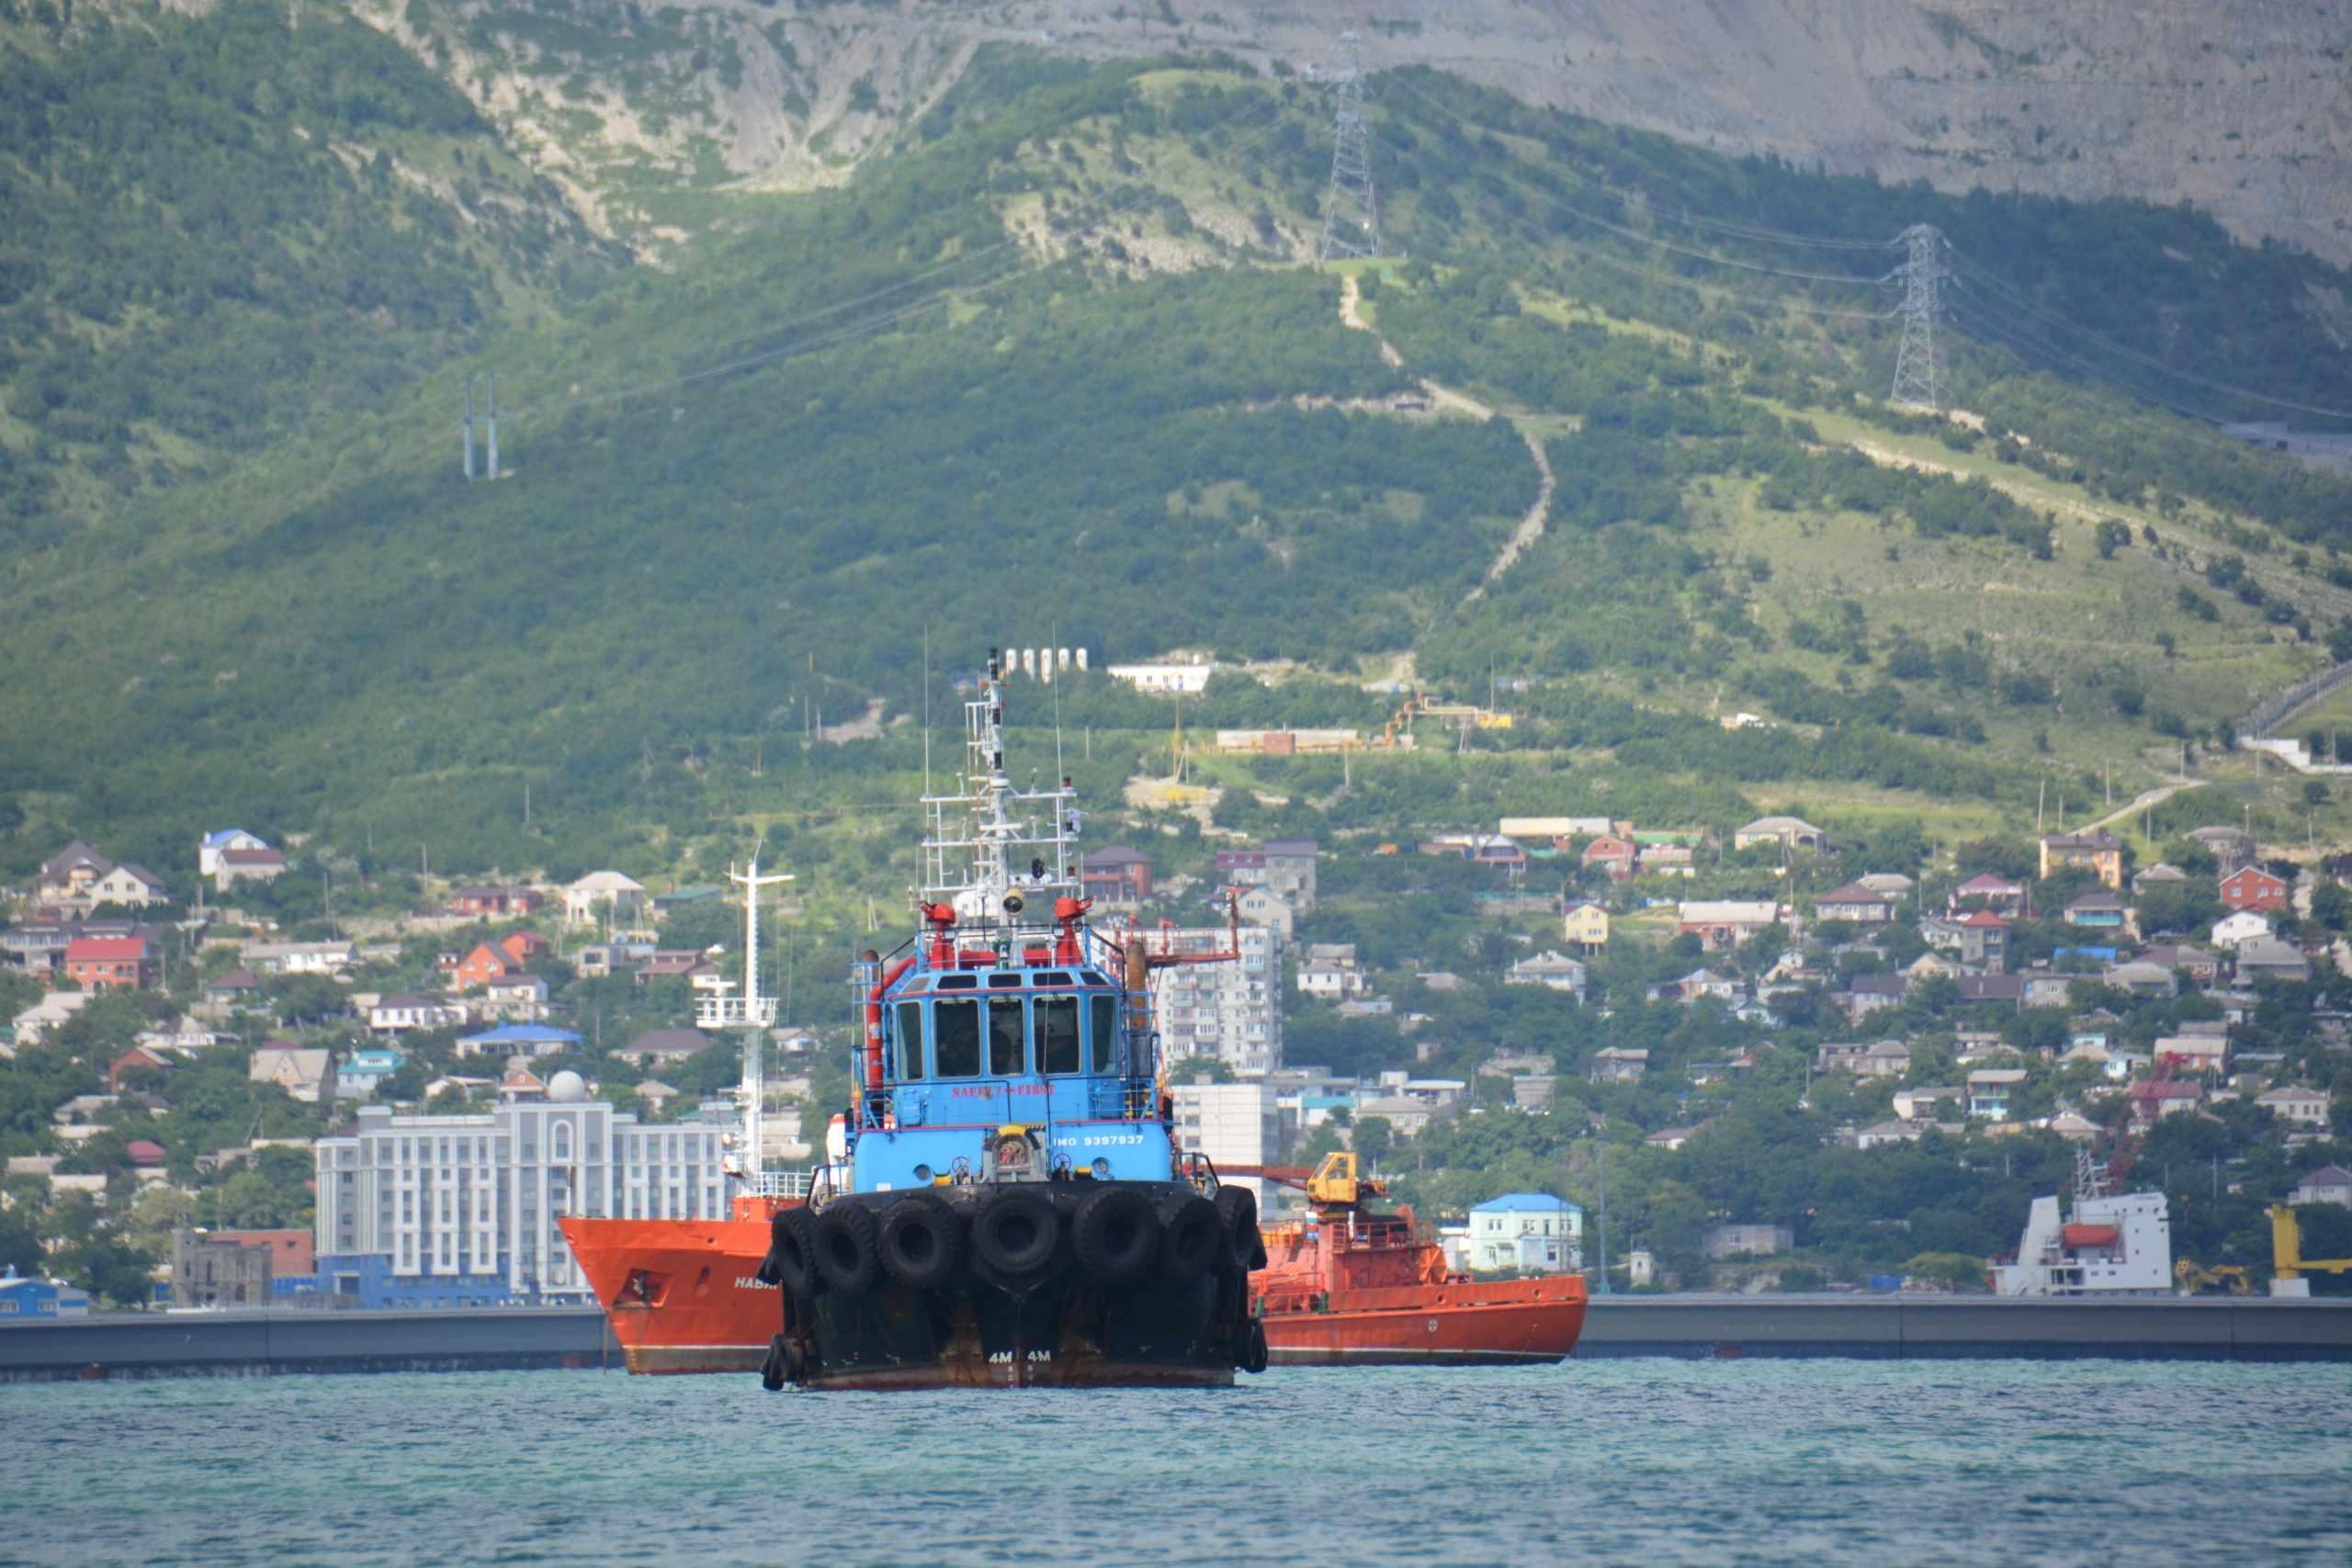 Новороссийский моряк, работавший в море полгода, взмолился о том, чтобы его сменили